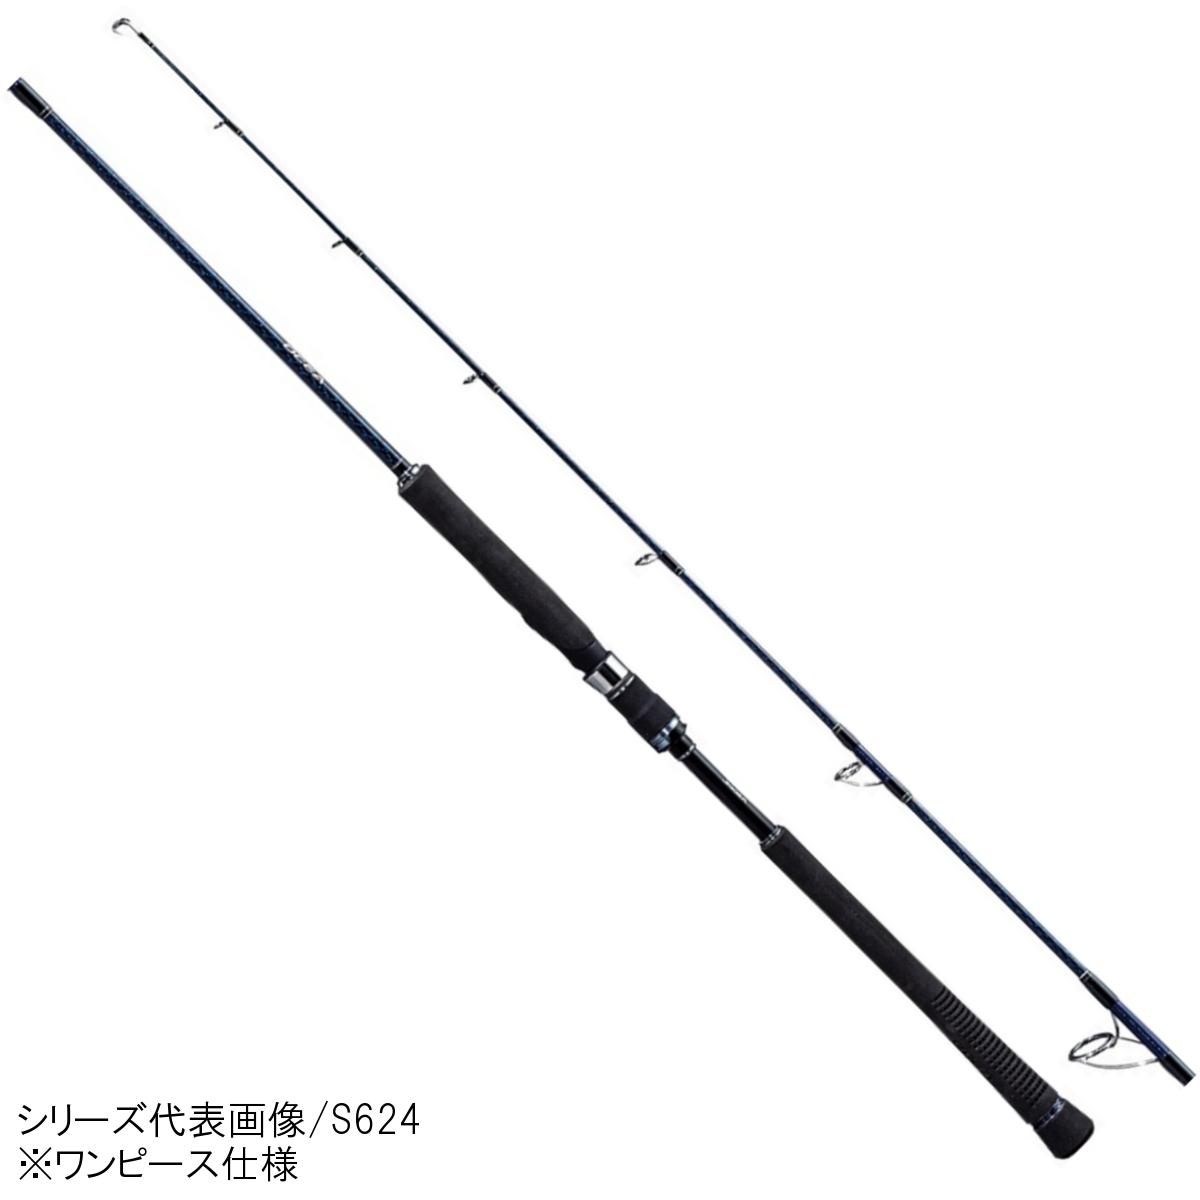 シマノ オシア ジガー スピニング クイックジャーク S621【大型商品】